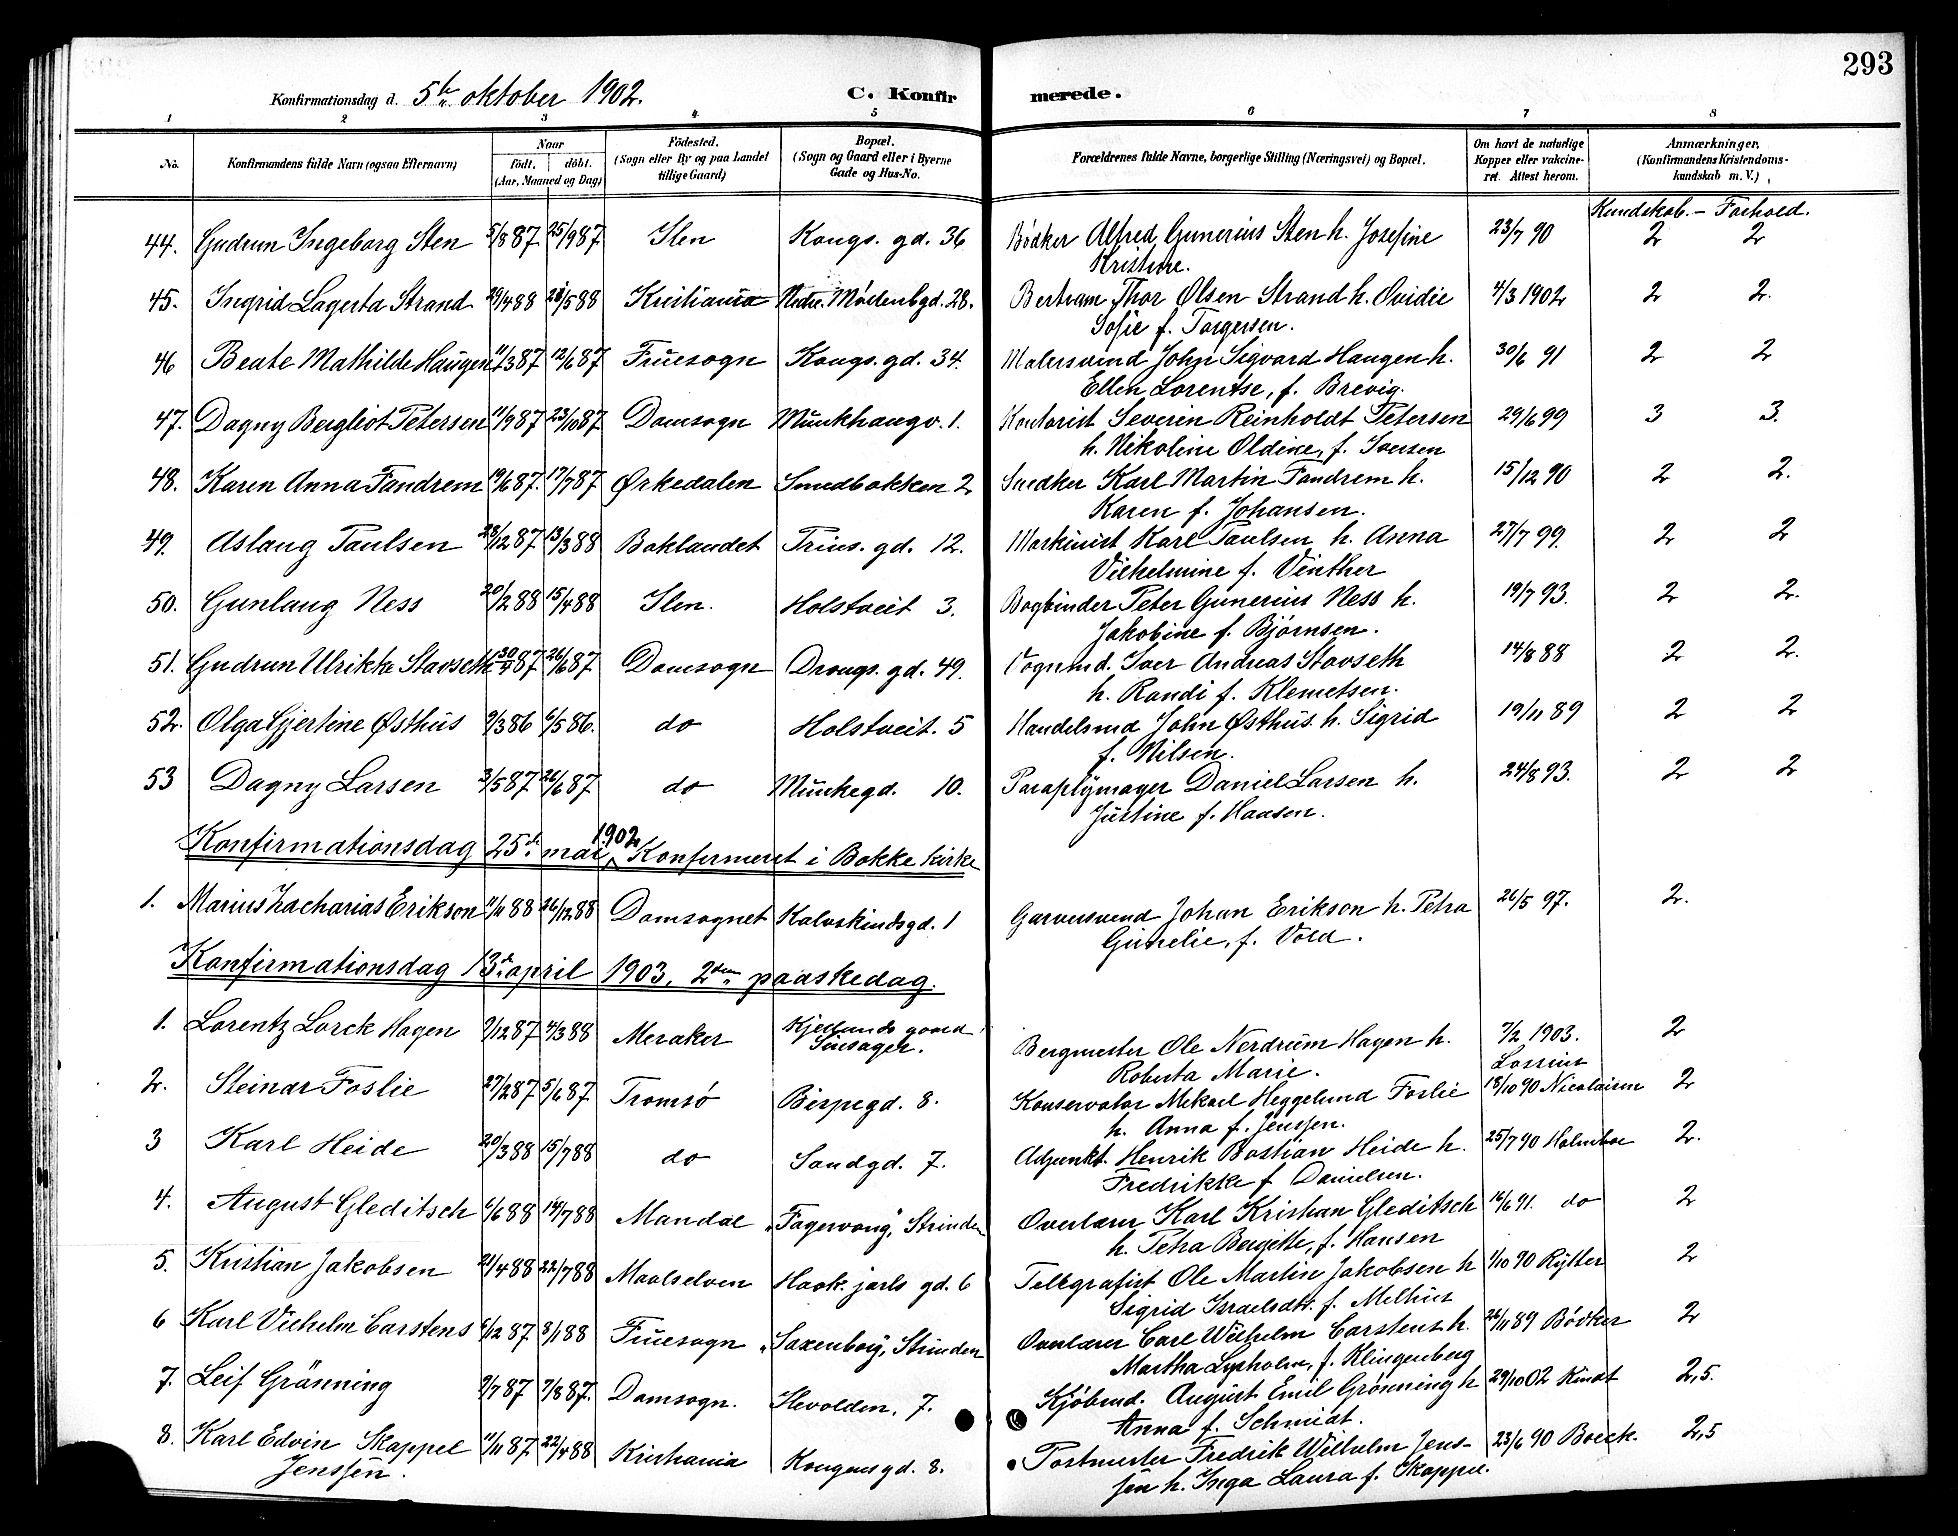 SAT, Ministerialprotokoller, klokkerbøker og fødselsregistre - Sør-Trøndelag, 601/L0094: Klokkerbok nr. 601C12, 1898-1911, s. 293